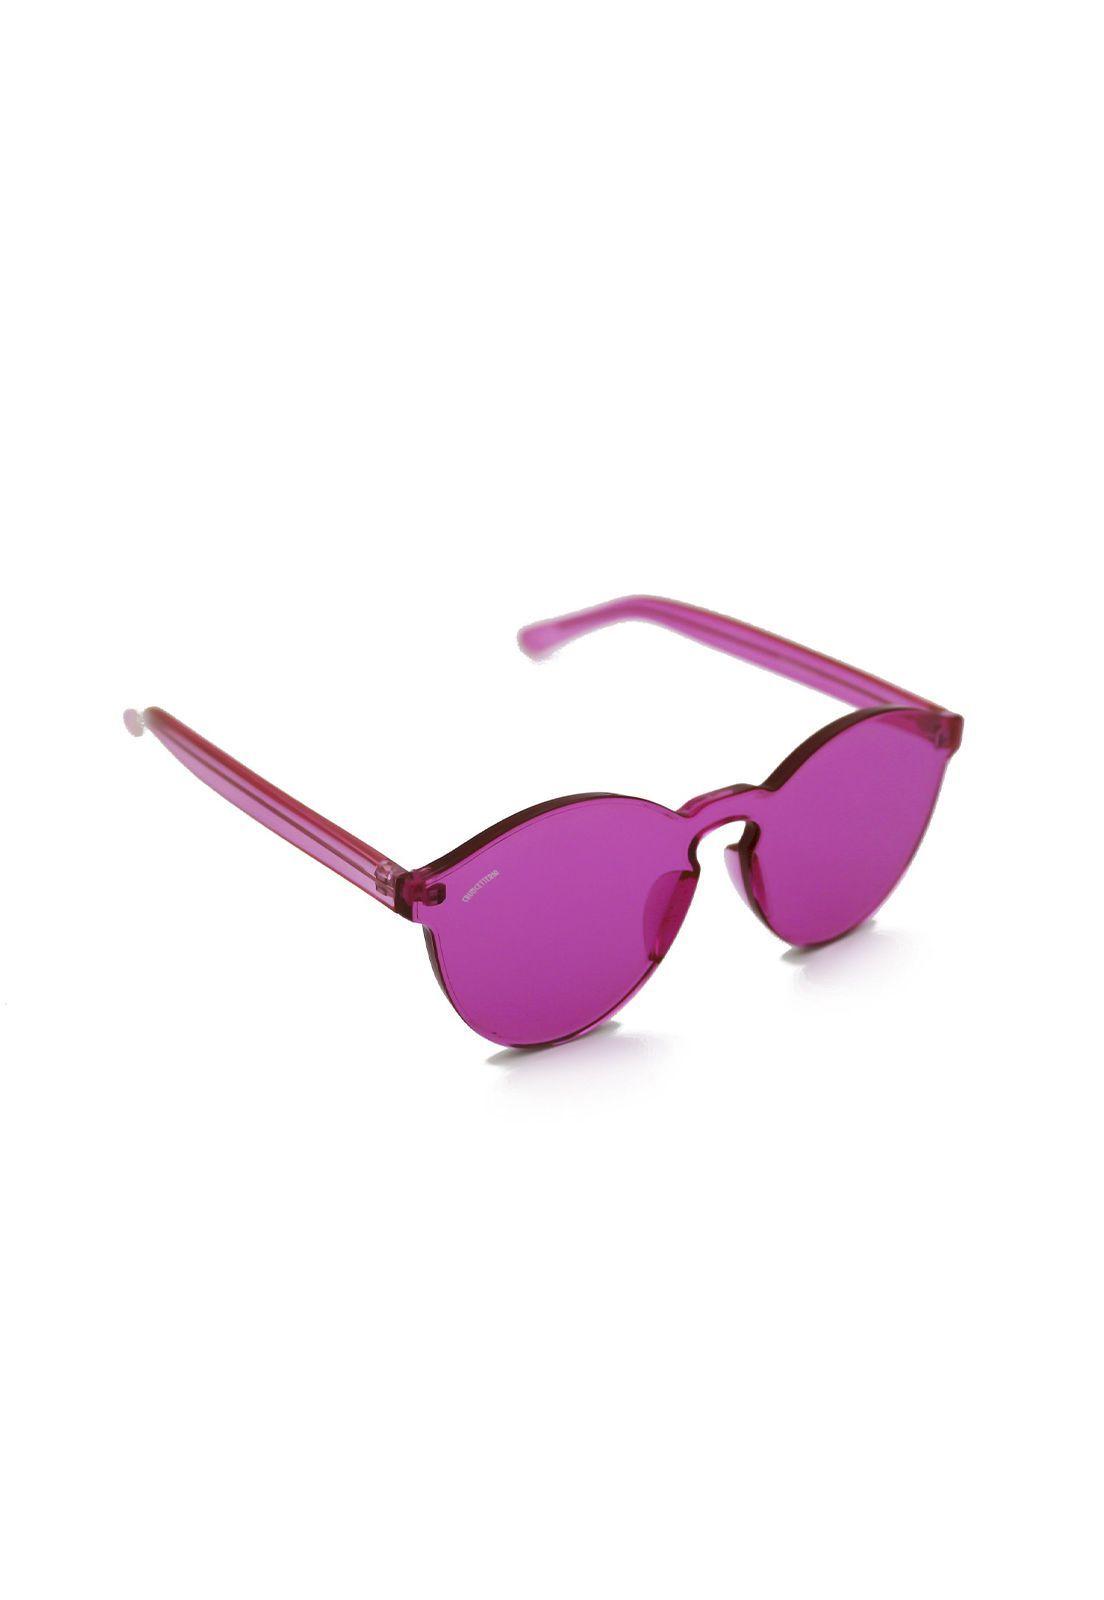 Óculos de Sol Grungetteria Mojo Rosa